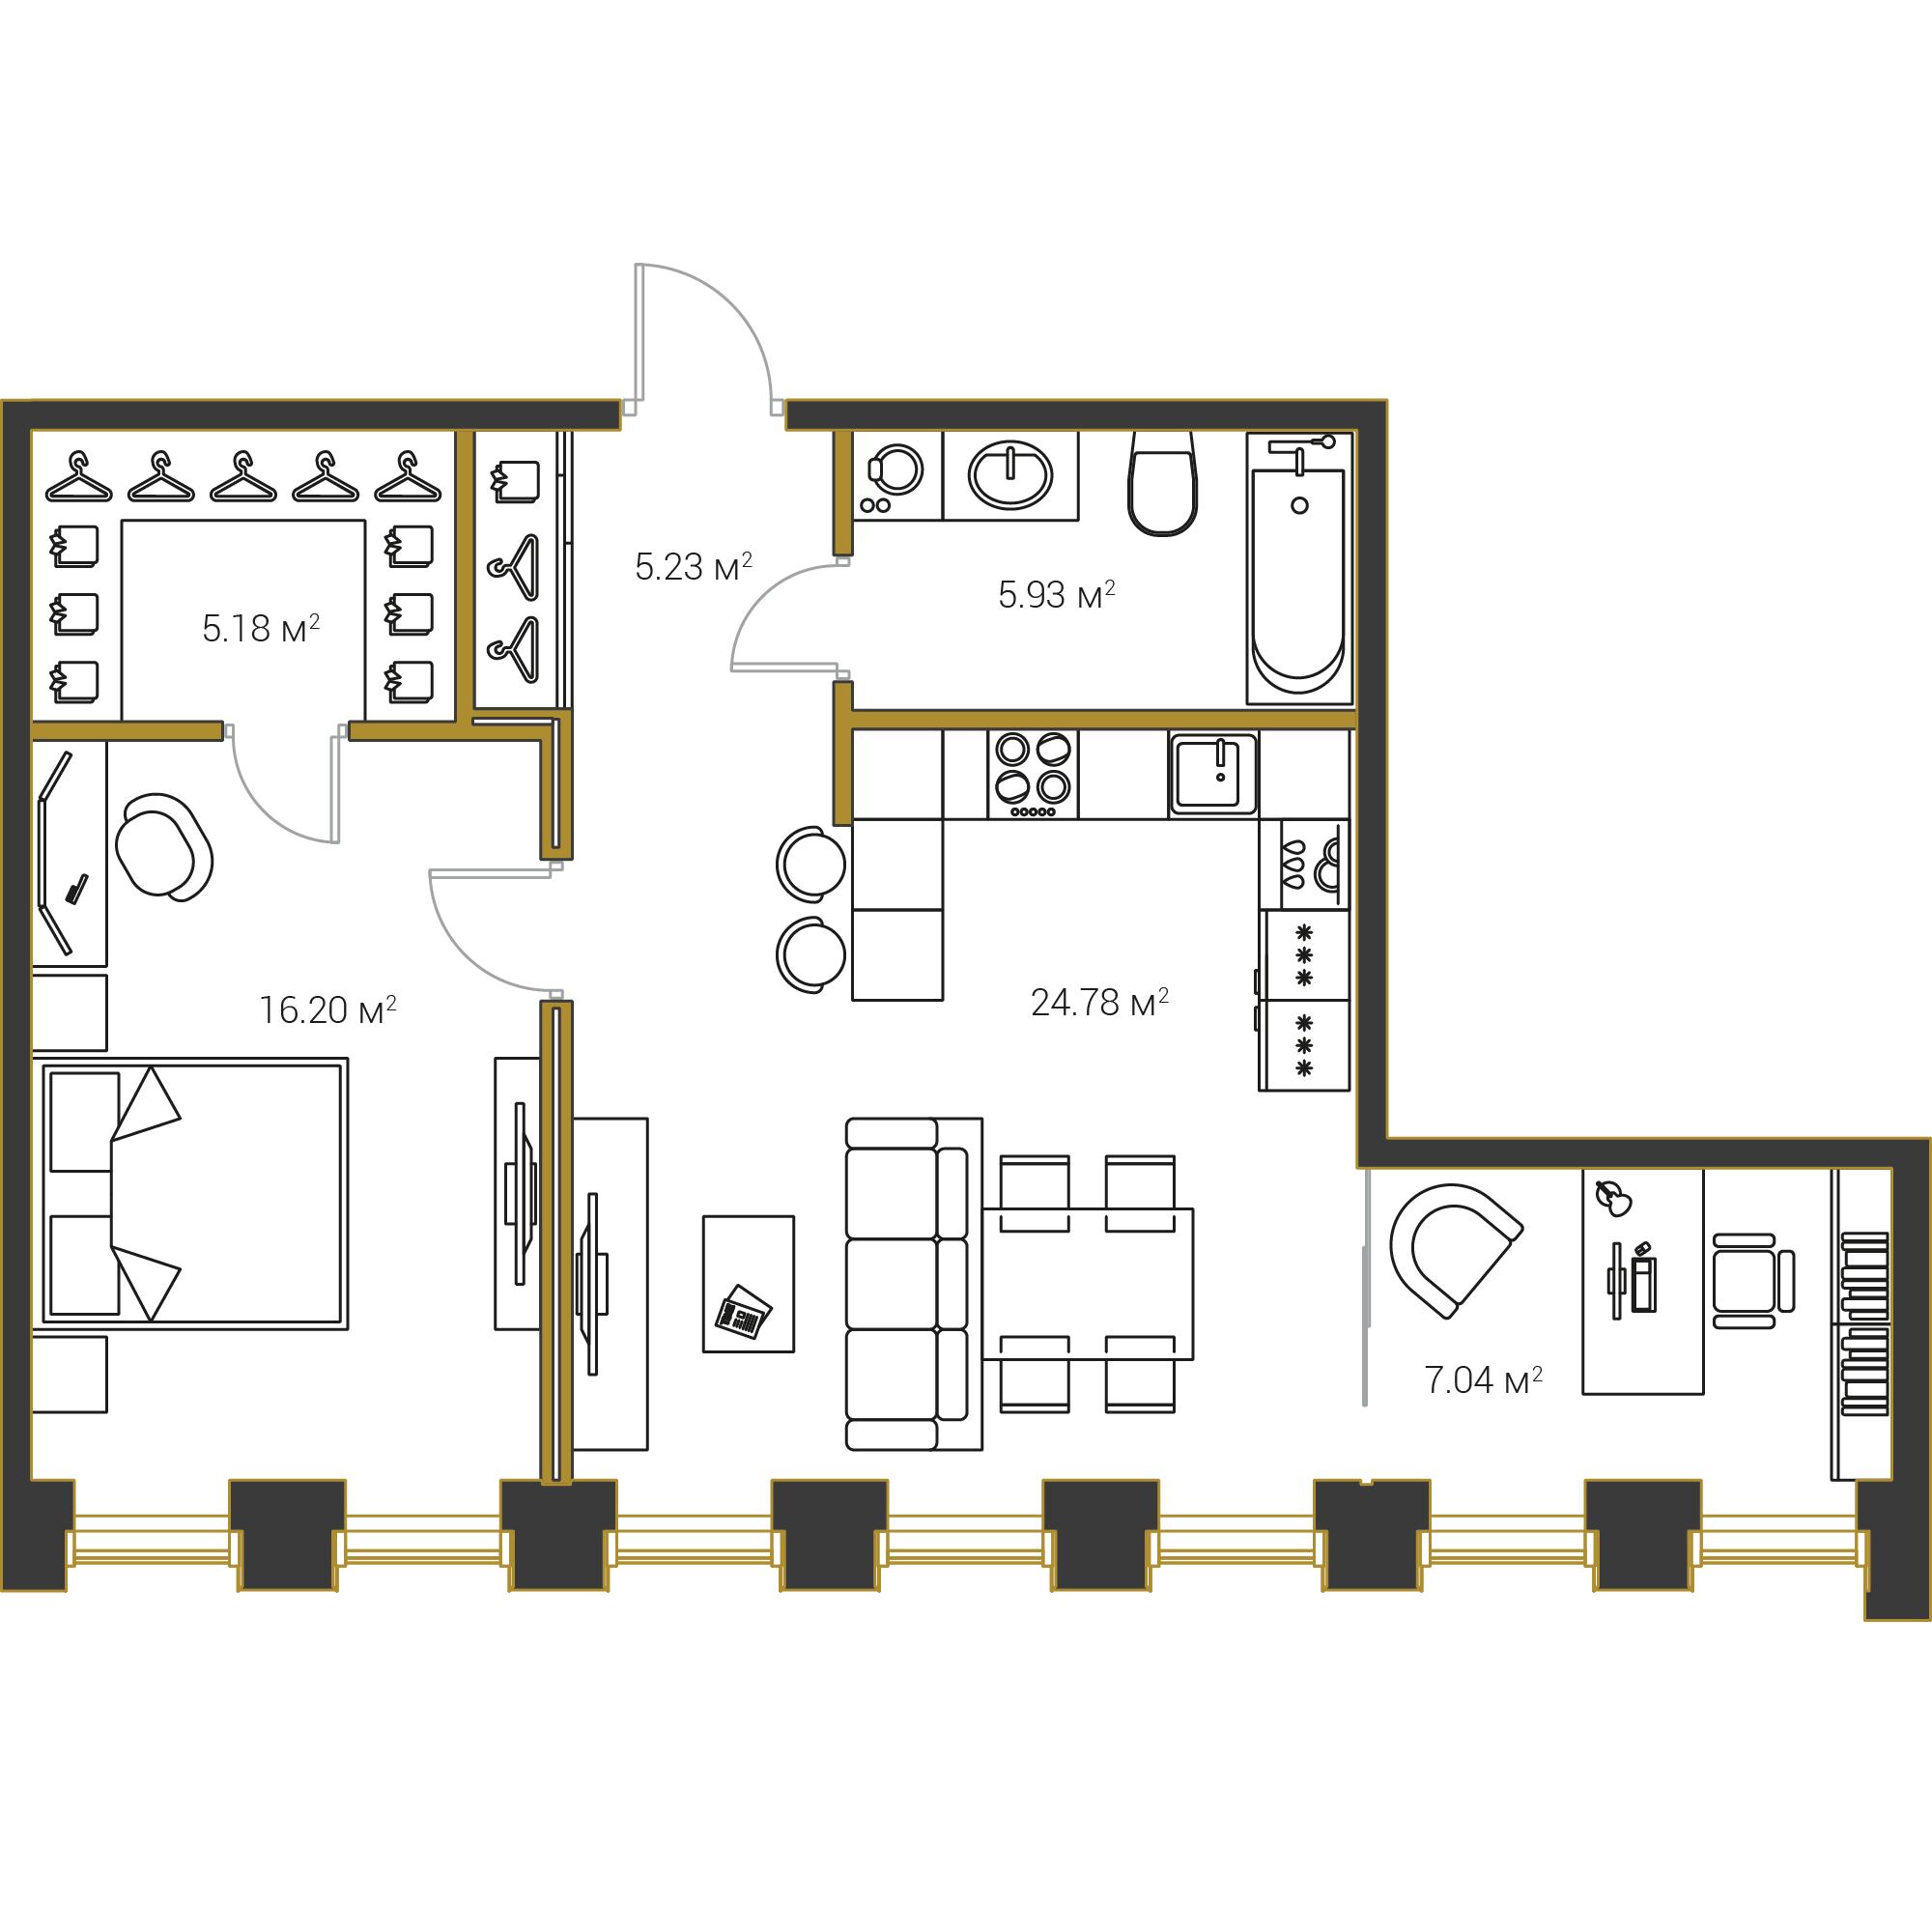 1-комнатная квартира №16 в: Институтский,16: 64.37 м²; этаж: 3 - купить в Санкт-Петербурге